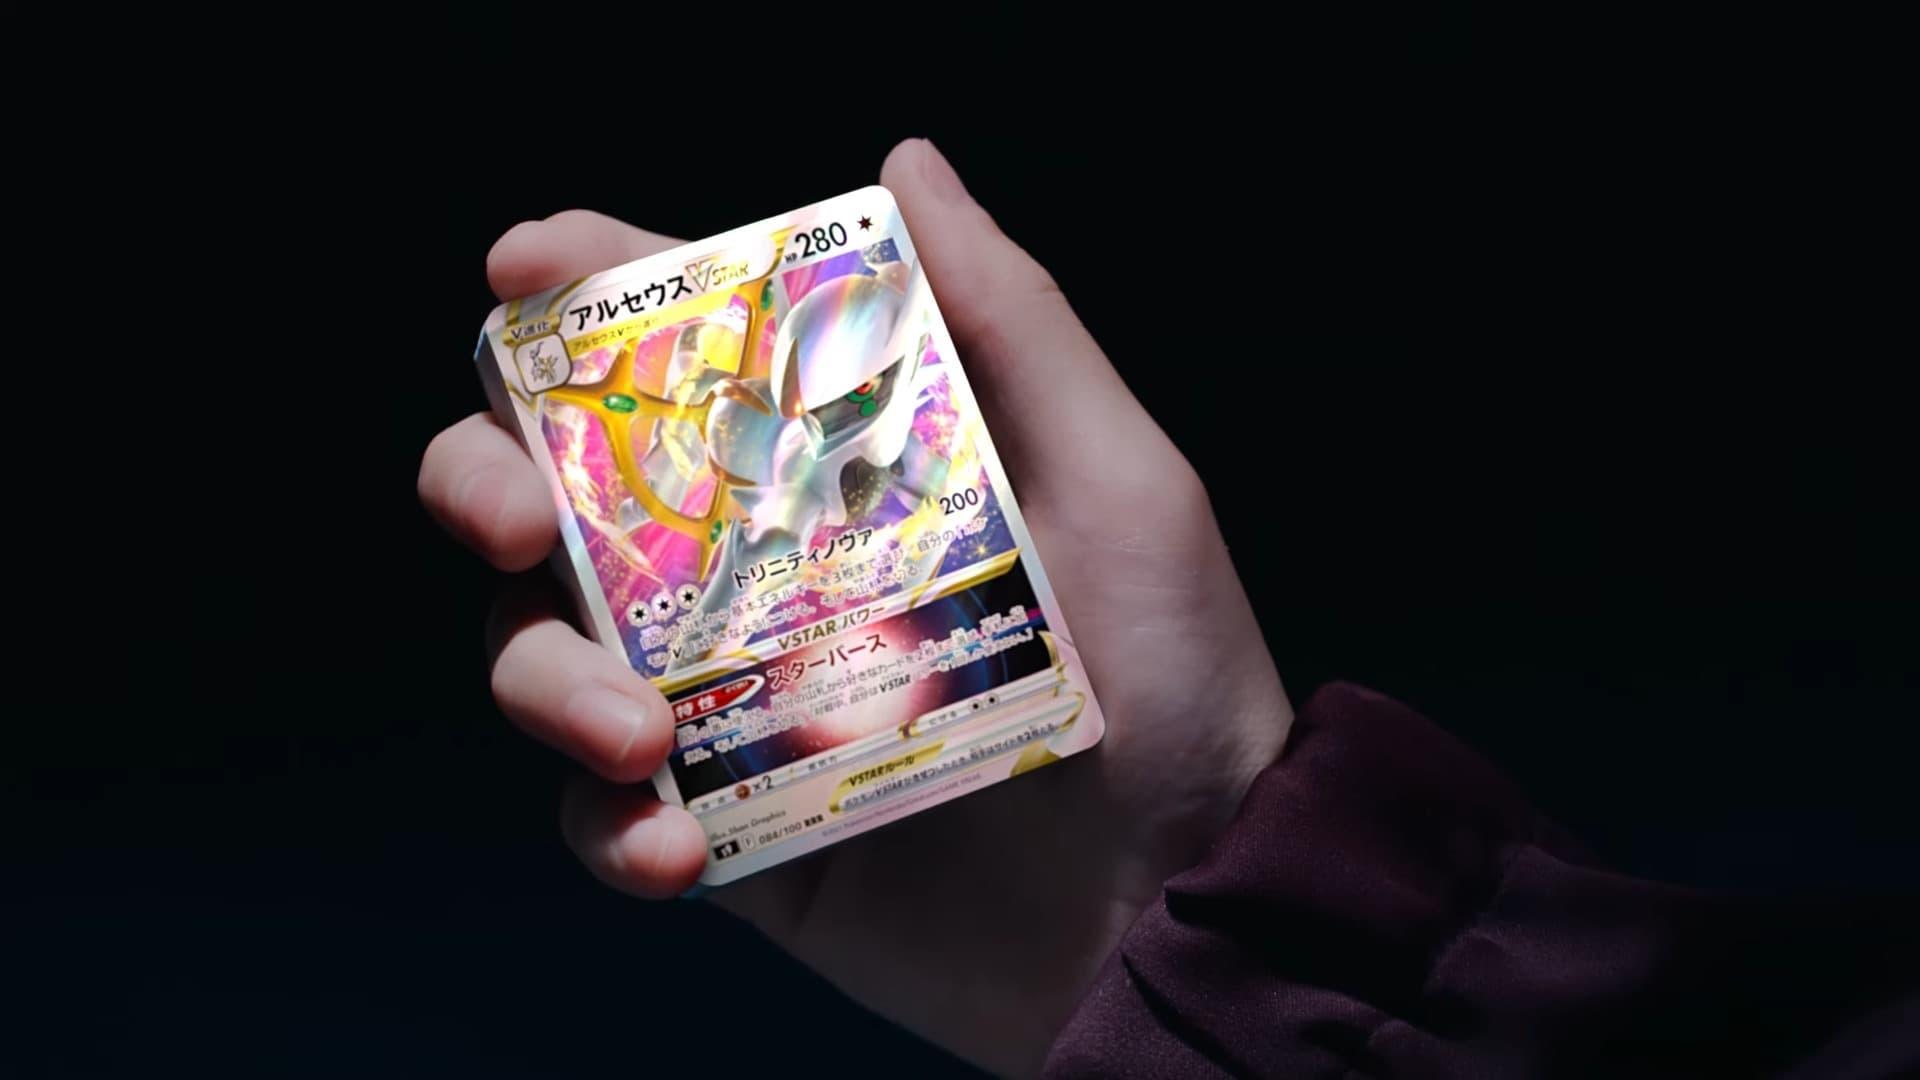 「寶可夢集換式卡牌遊戲」 25 週年紀念特別影片 新上市「V 進化」卡片曝光